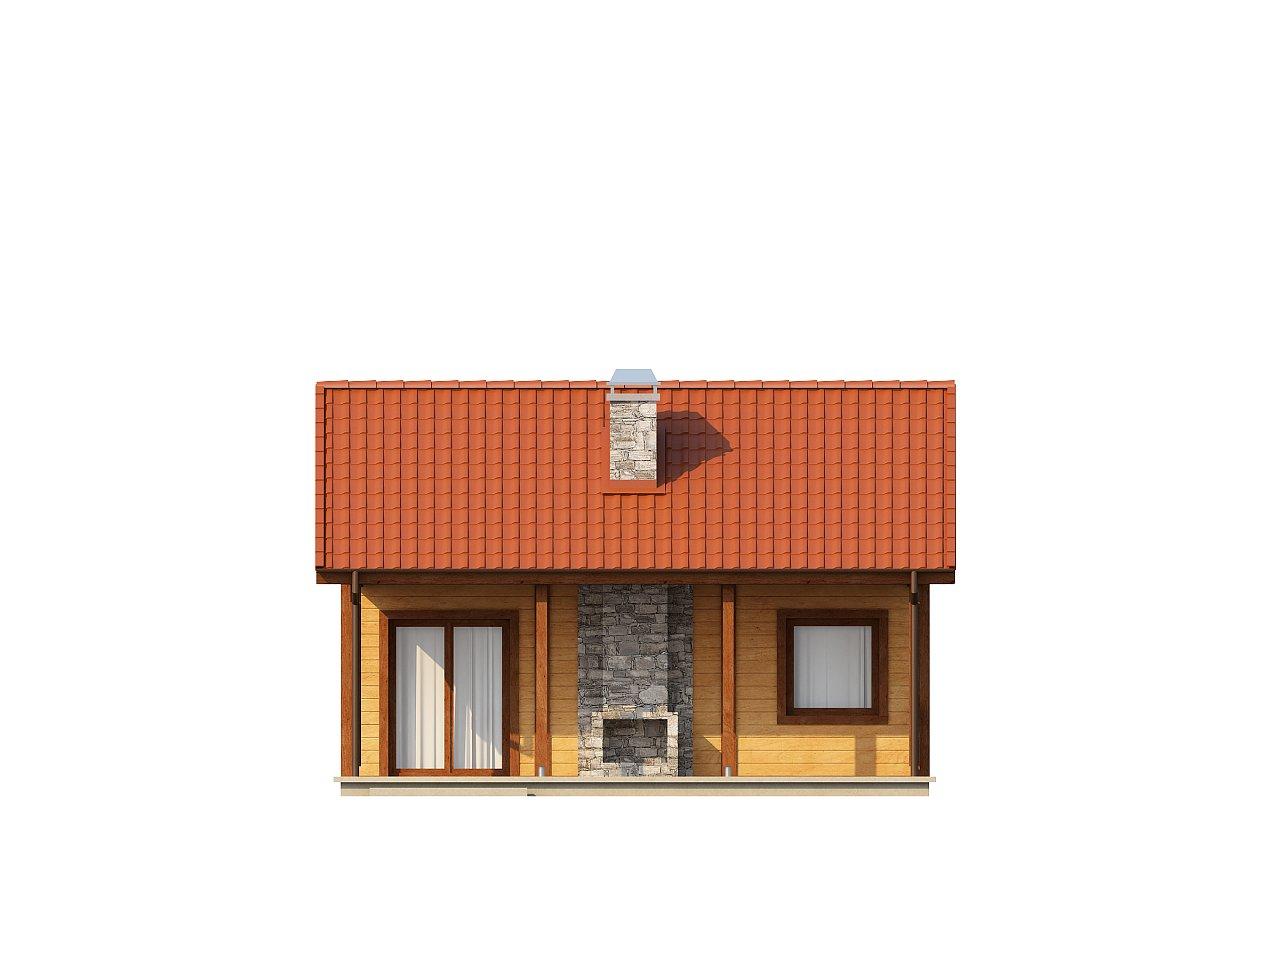 Маленький одноэтажный дом, оснащенный всем необходимым для круглогодичного проживания. - фото 13